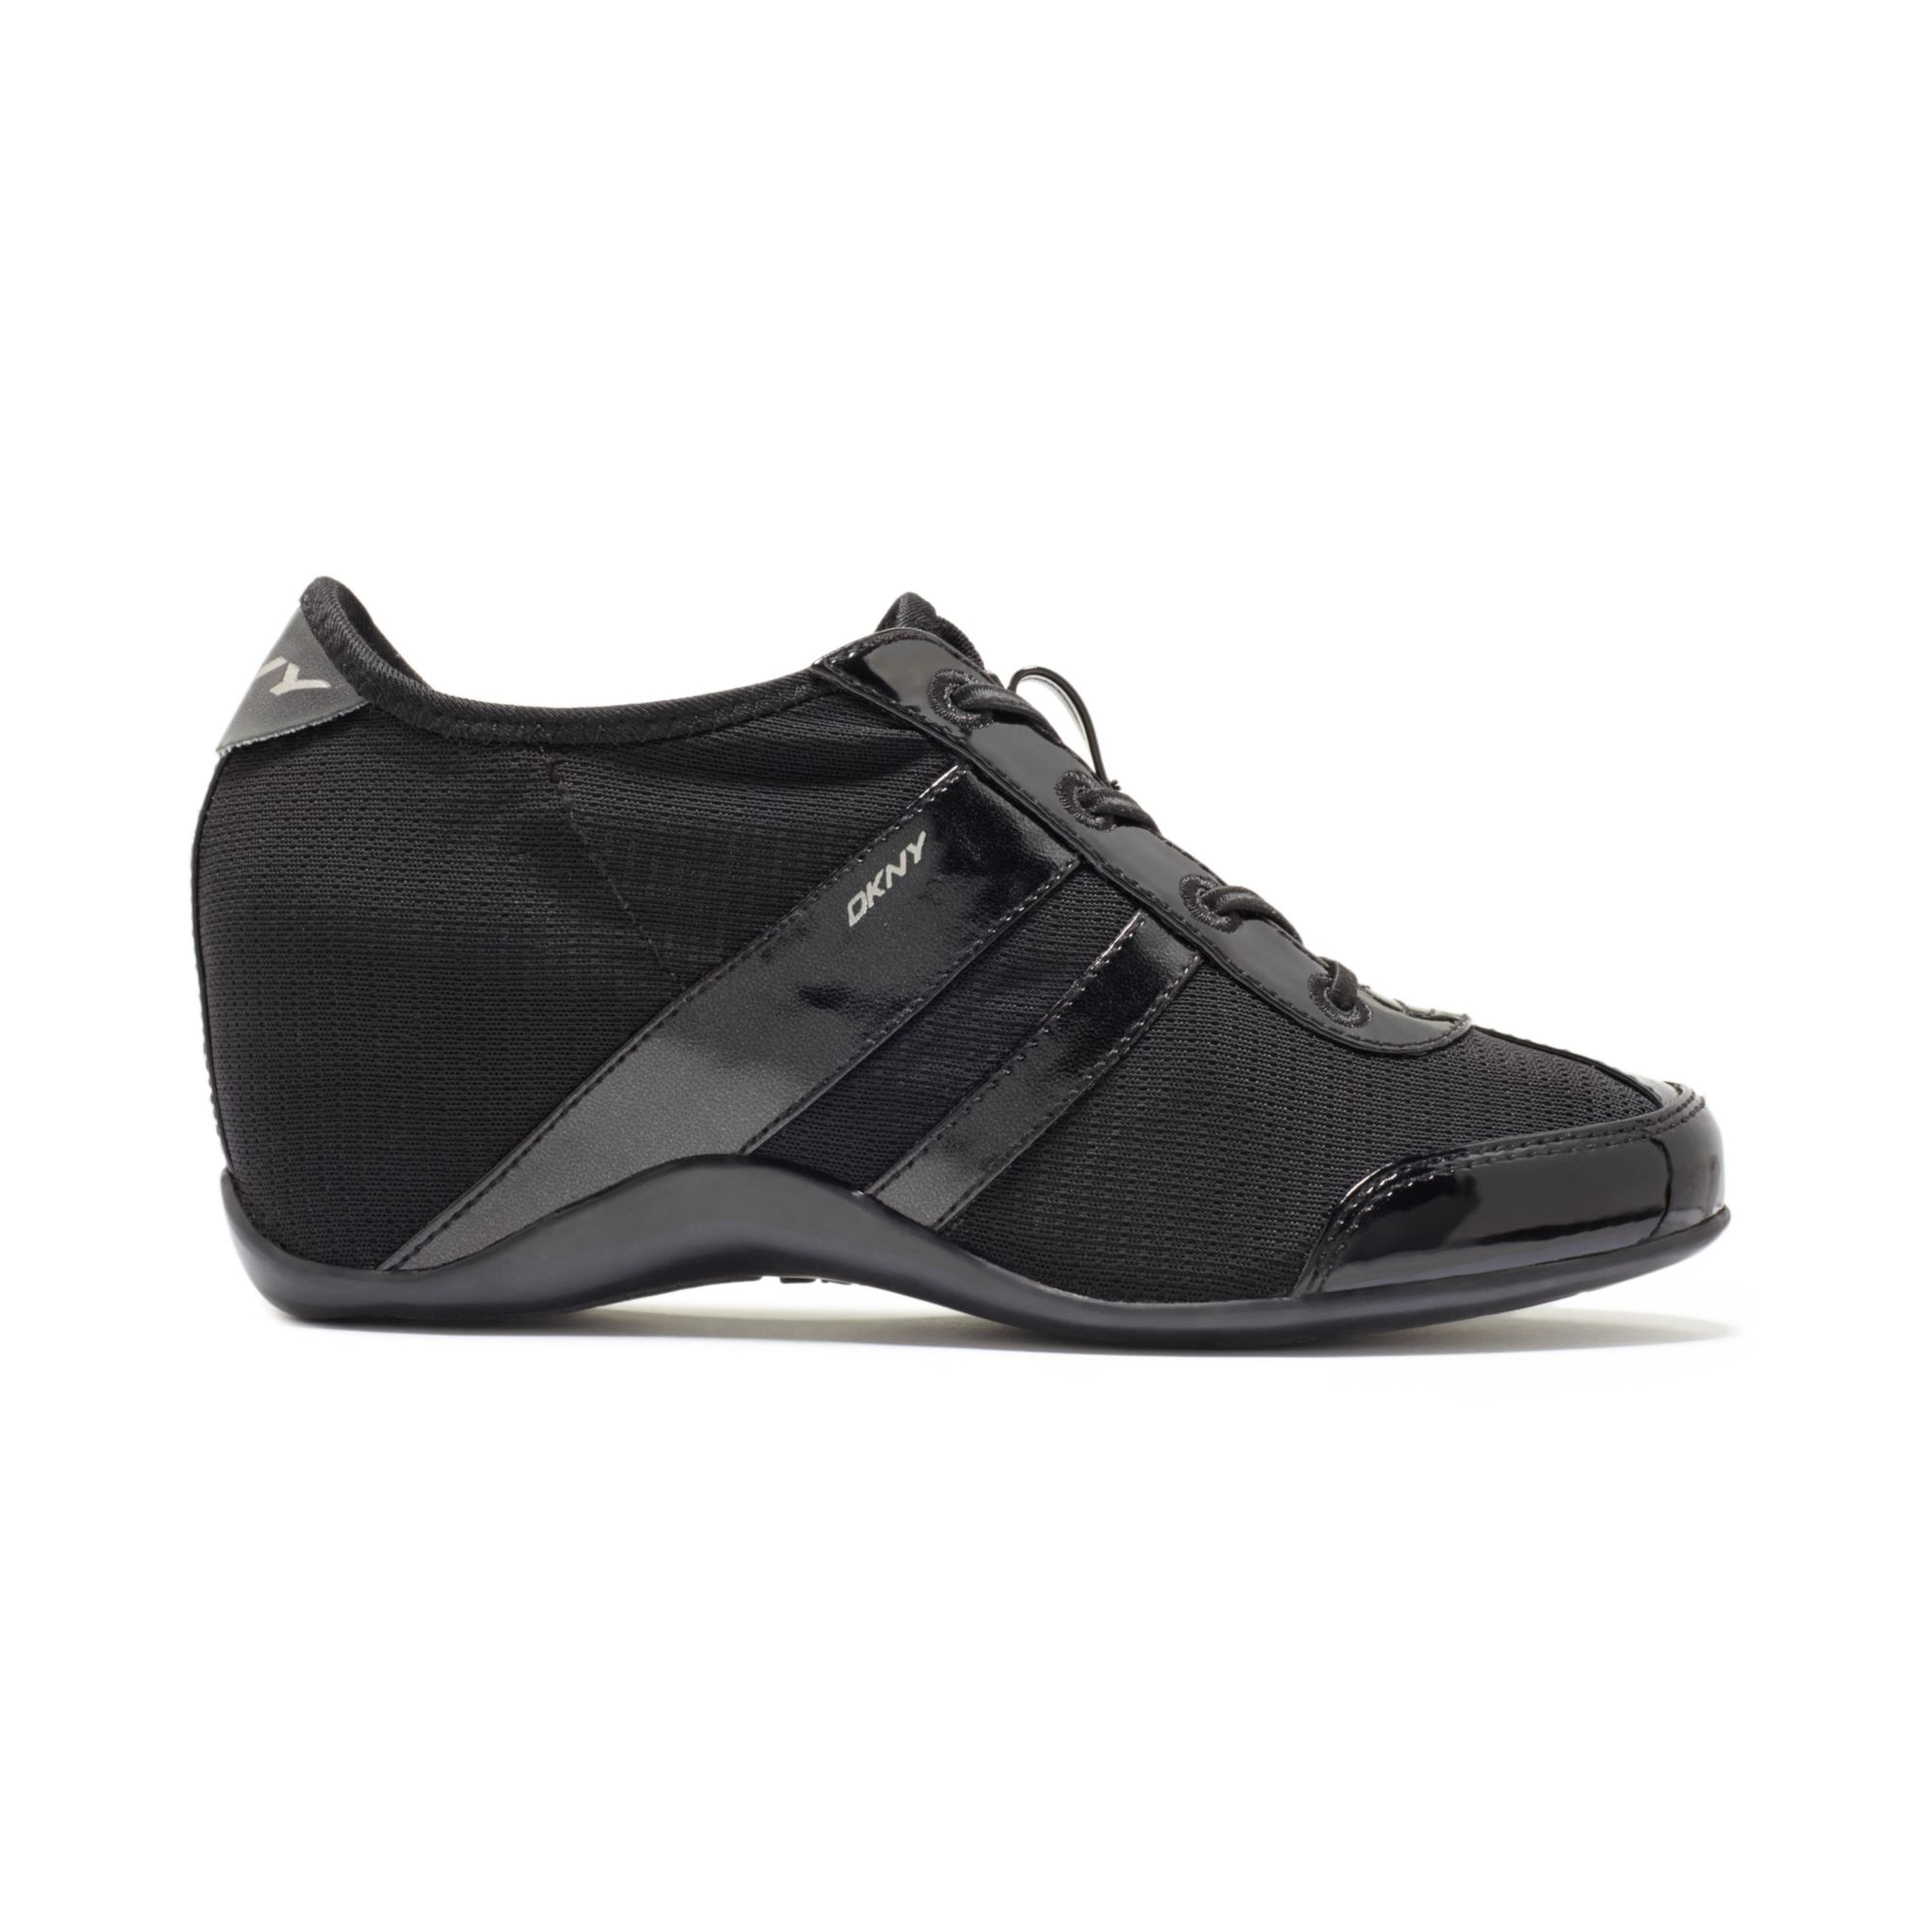 721c872437d Dkny Paige Wedge Sneakers in Black